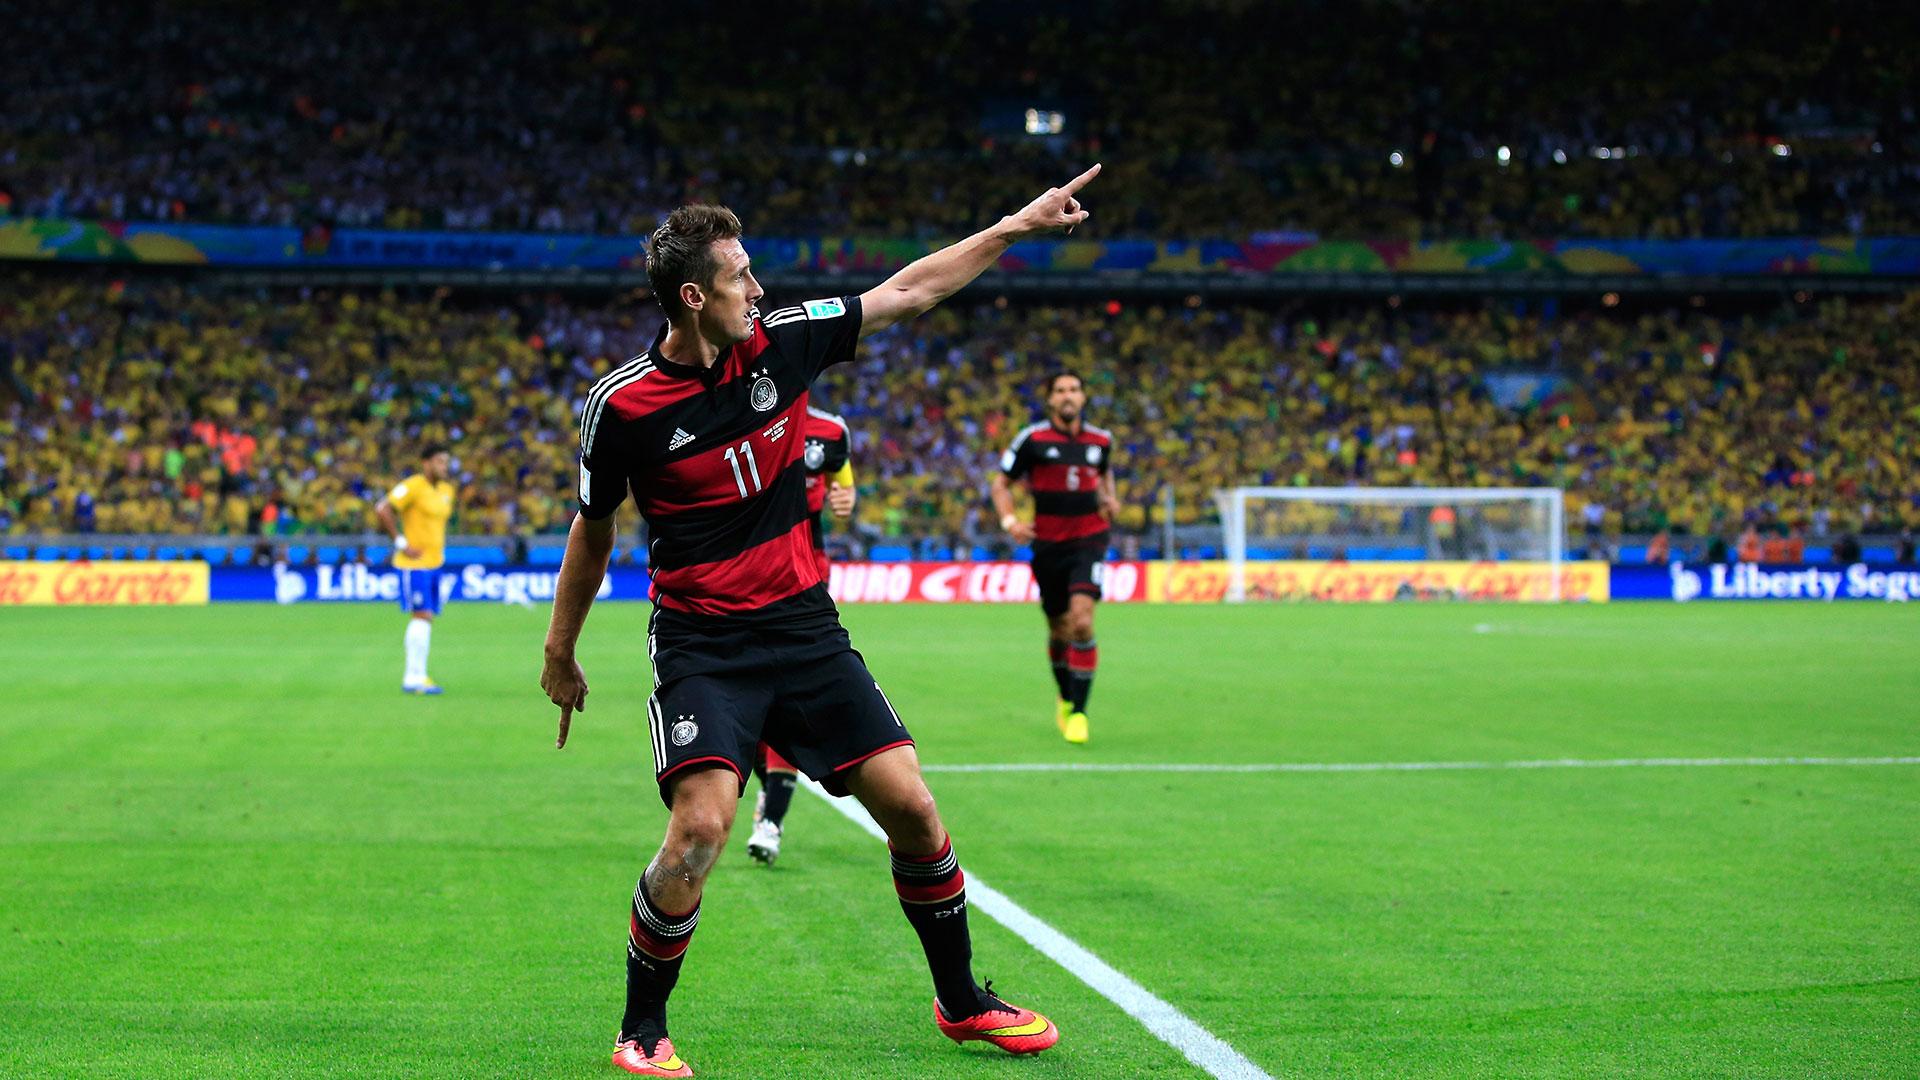 Auf wiedersehen Miro: Klose lascia il calcio giocato